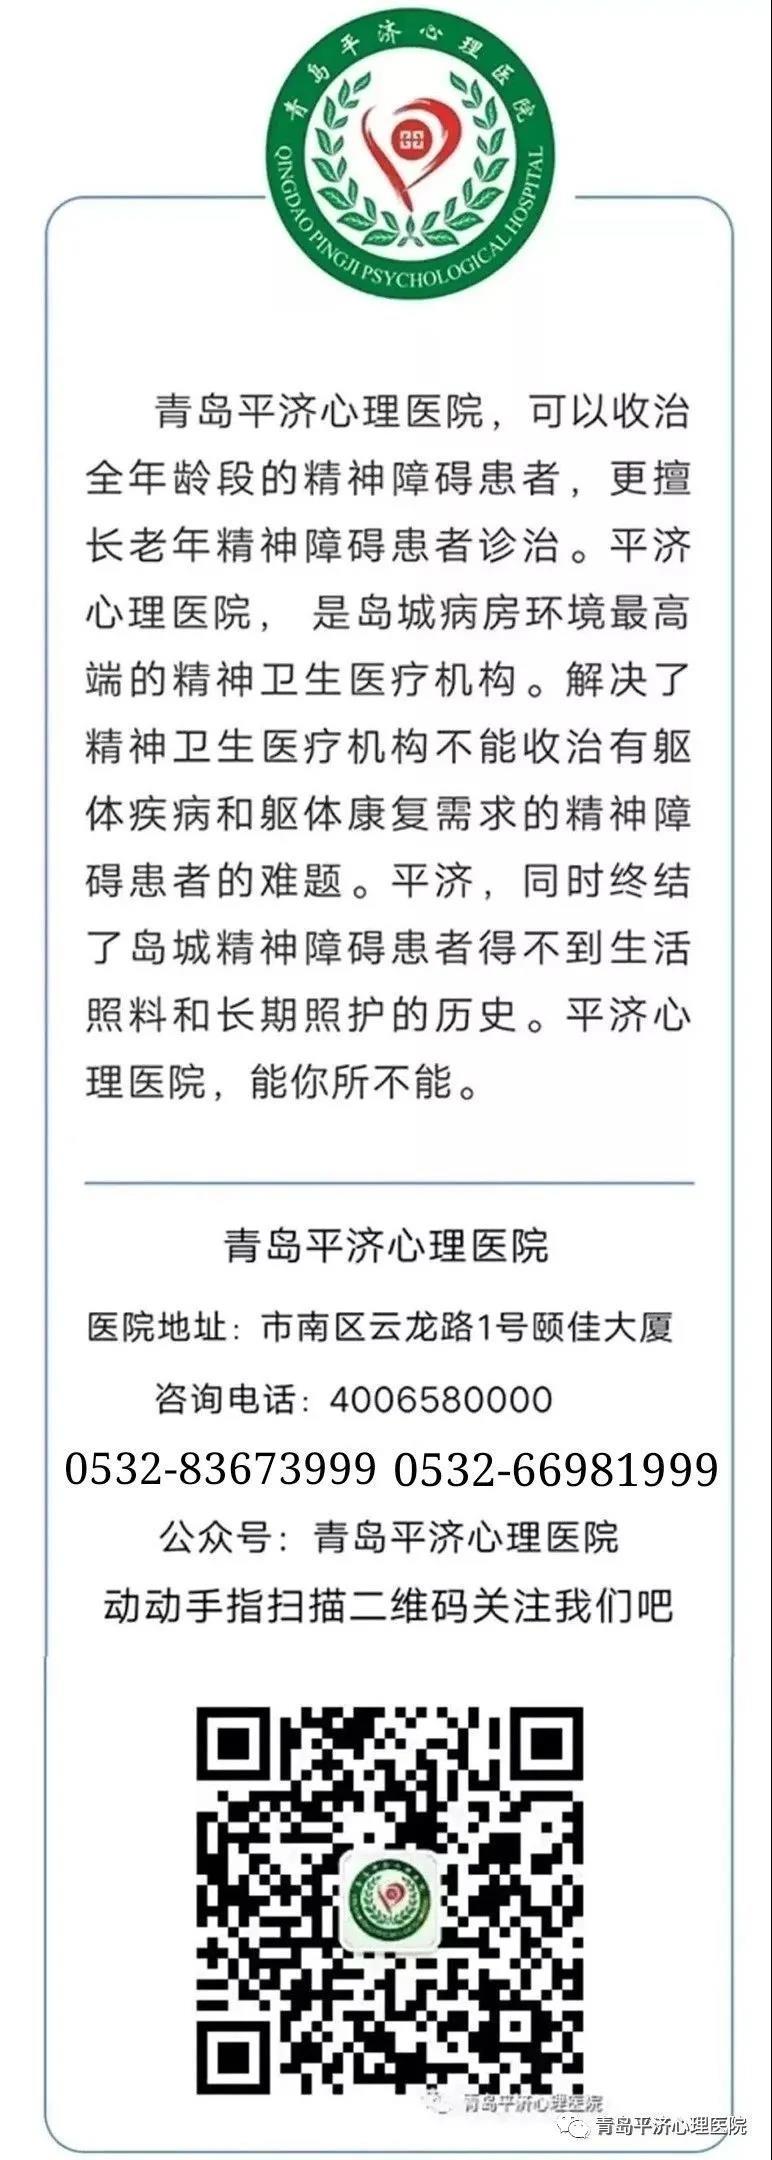 1微信图片_20201123145828.jpg